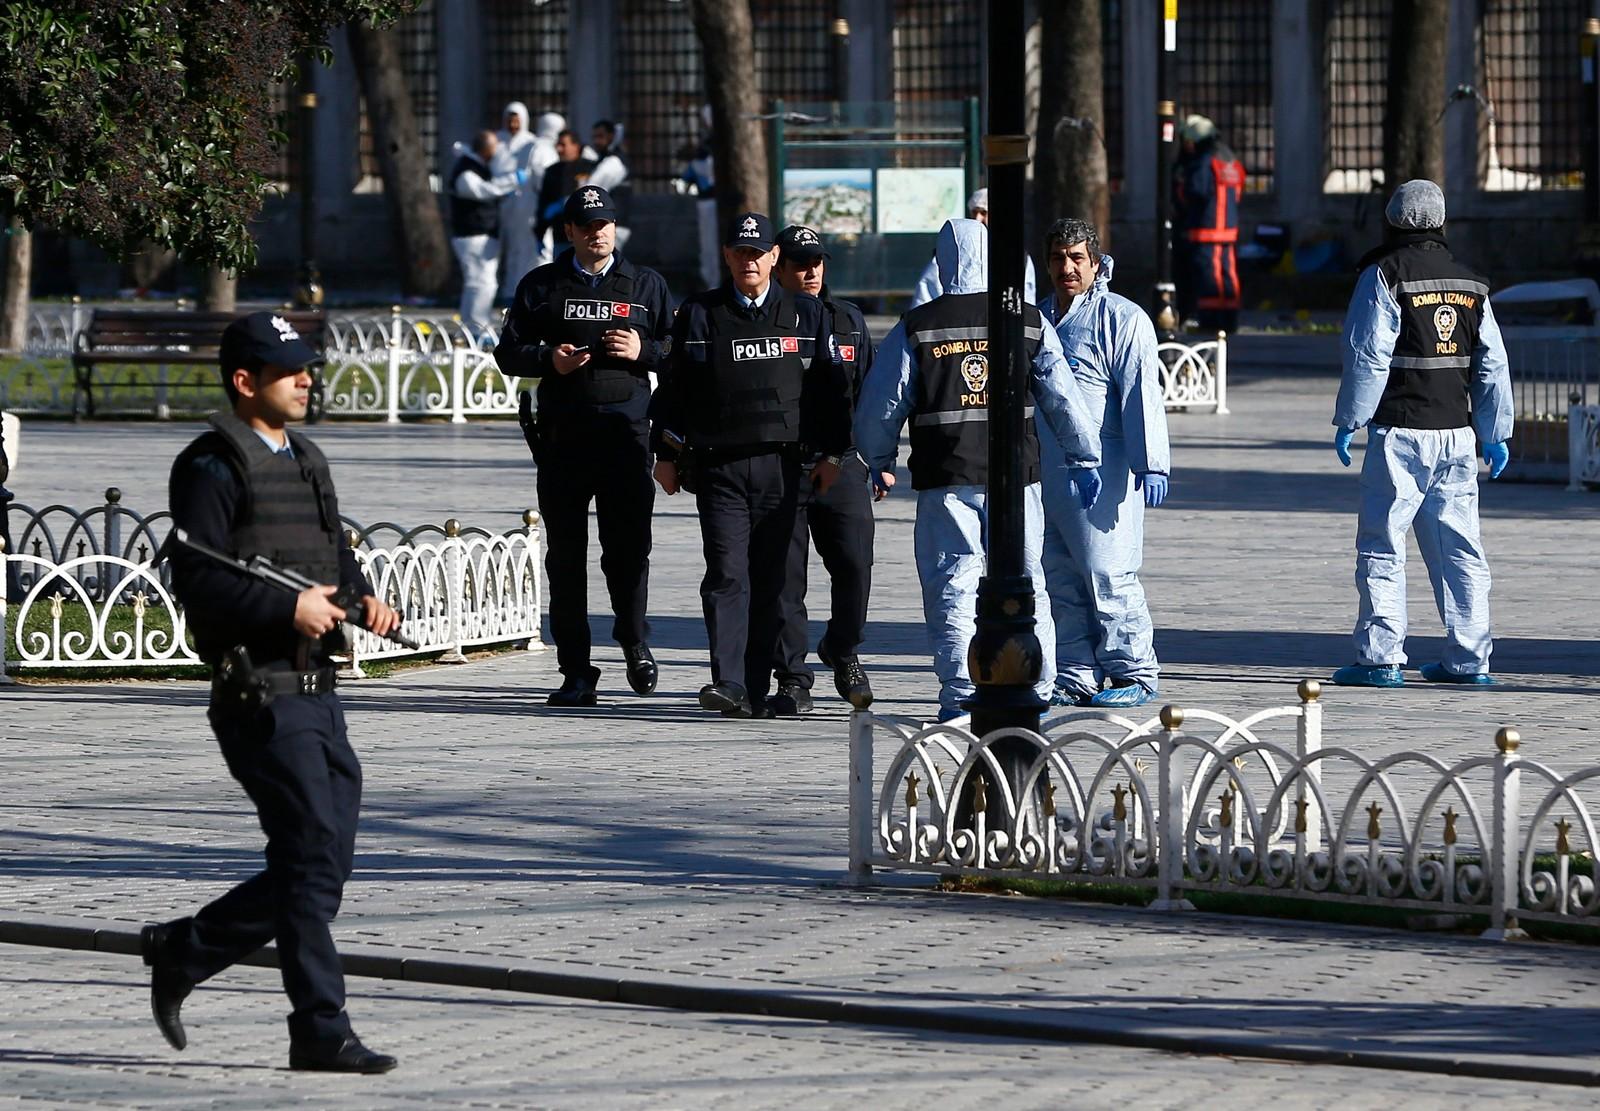 Mange fryktar at det kjem fleire eksplosjonar, og det er derfor eit stort politioppbod i Istanbul.